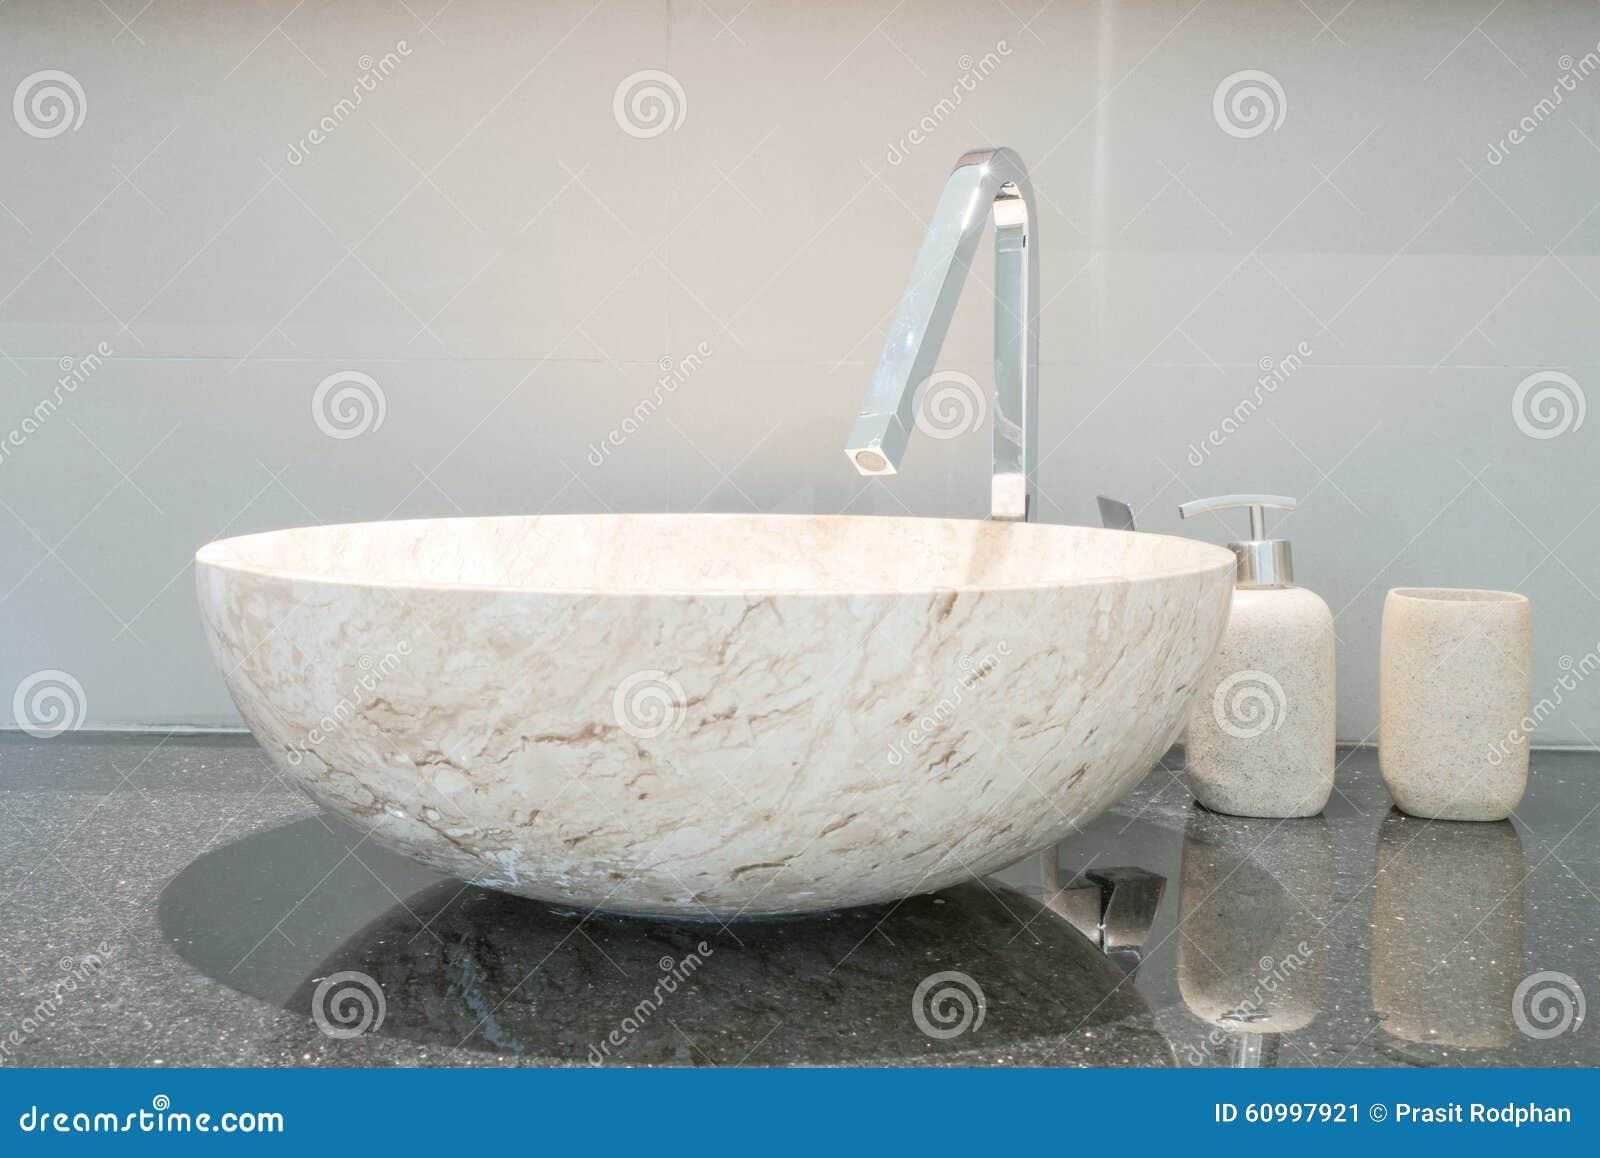 plan rapproch d 39 un lavabo dans une salle de bains moderne photo stock image 60997921. Black Bedroom Furniture Sets. Home Design Ideas